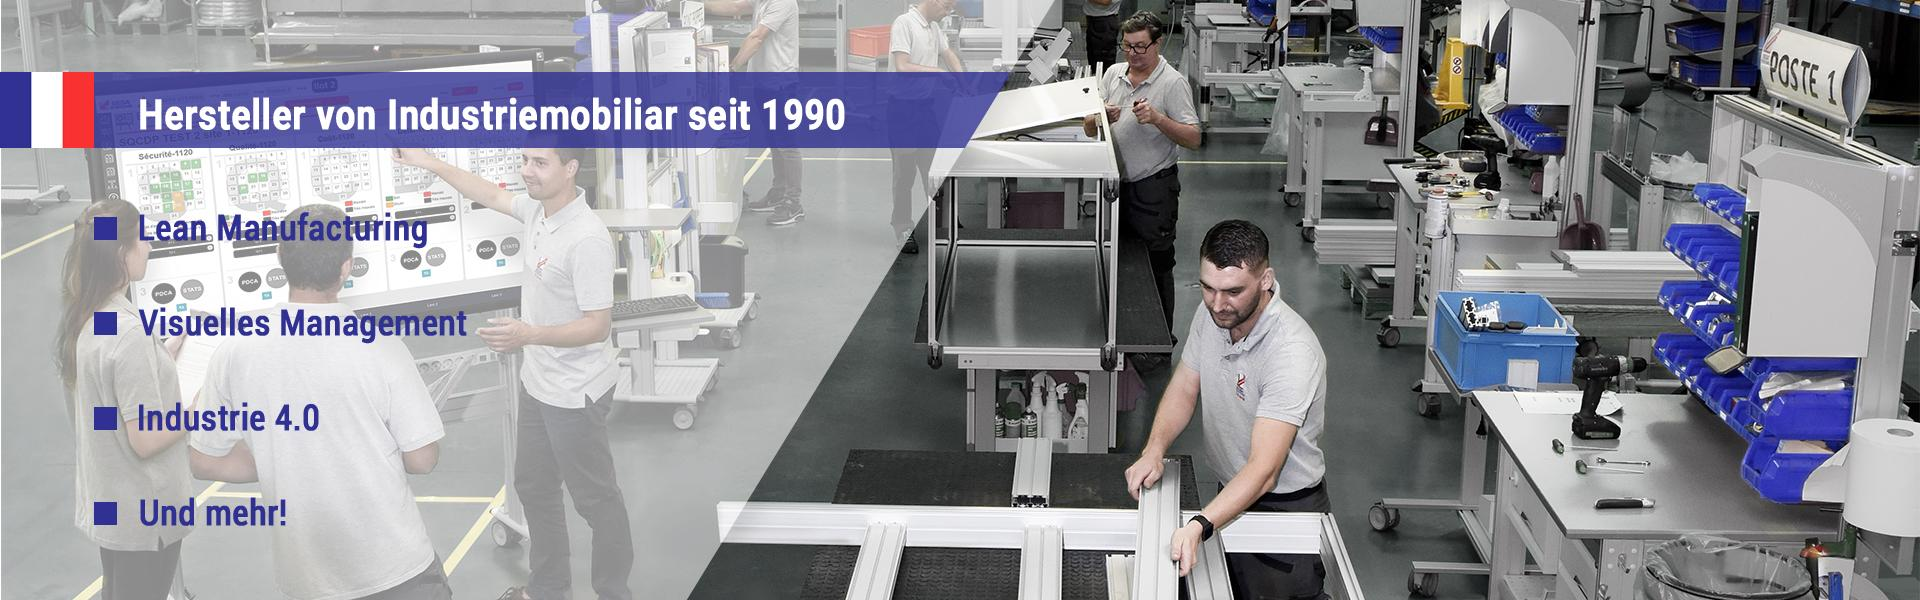 Hersteller von Industriemobiliar seit 1990